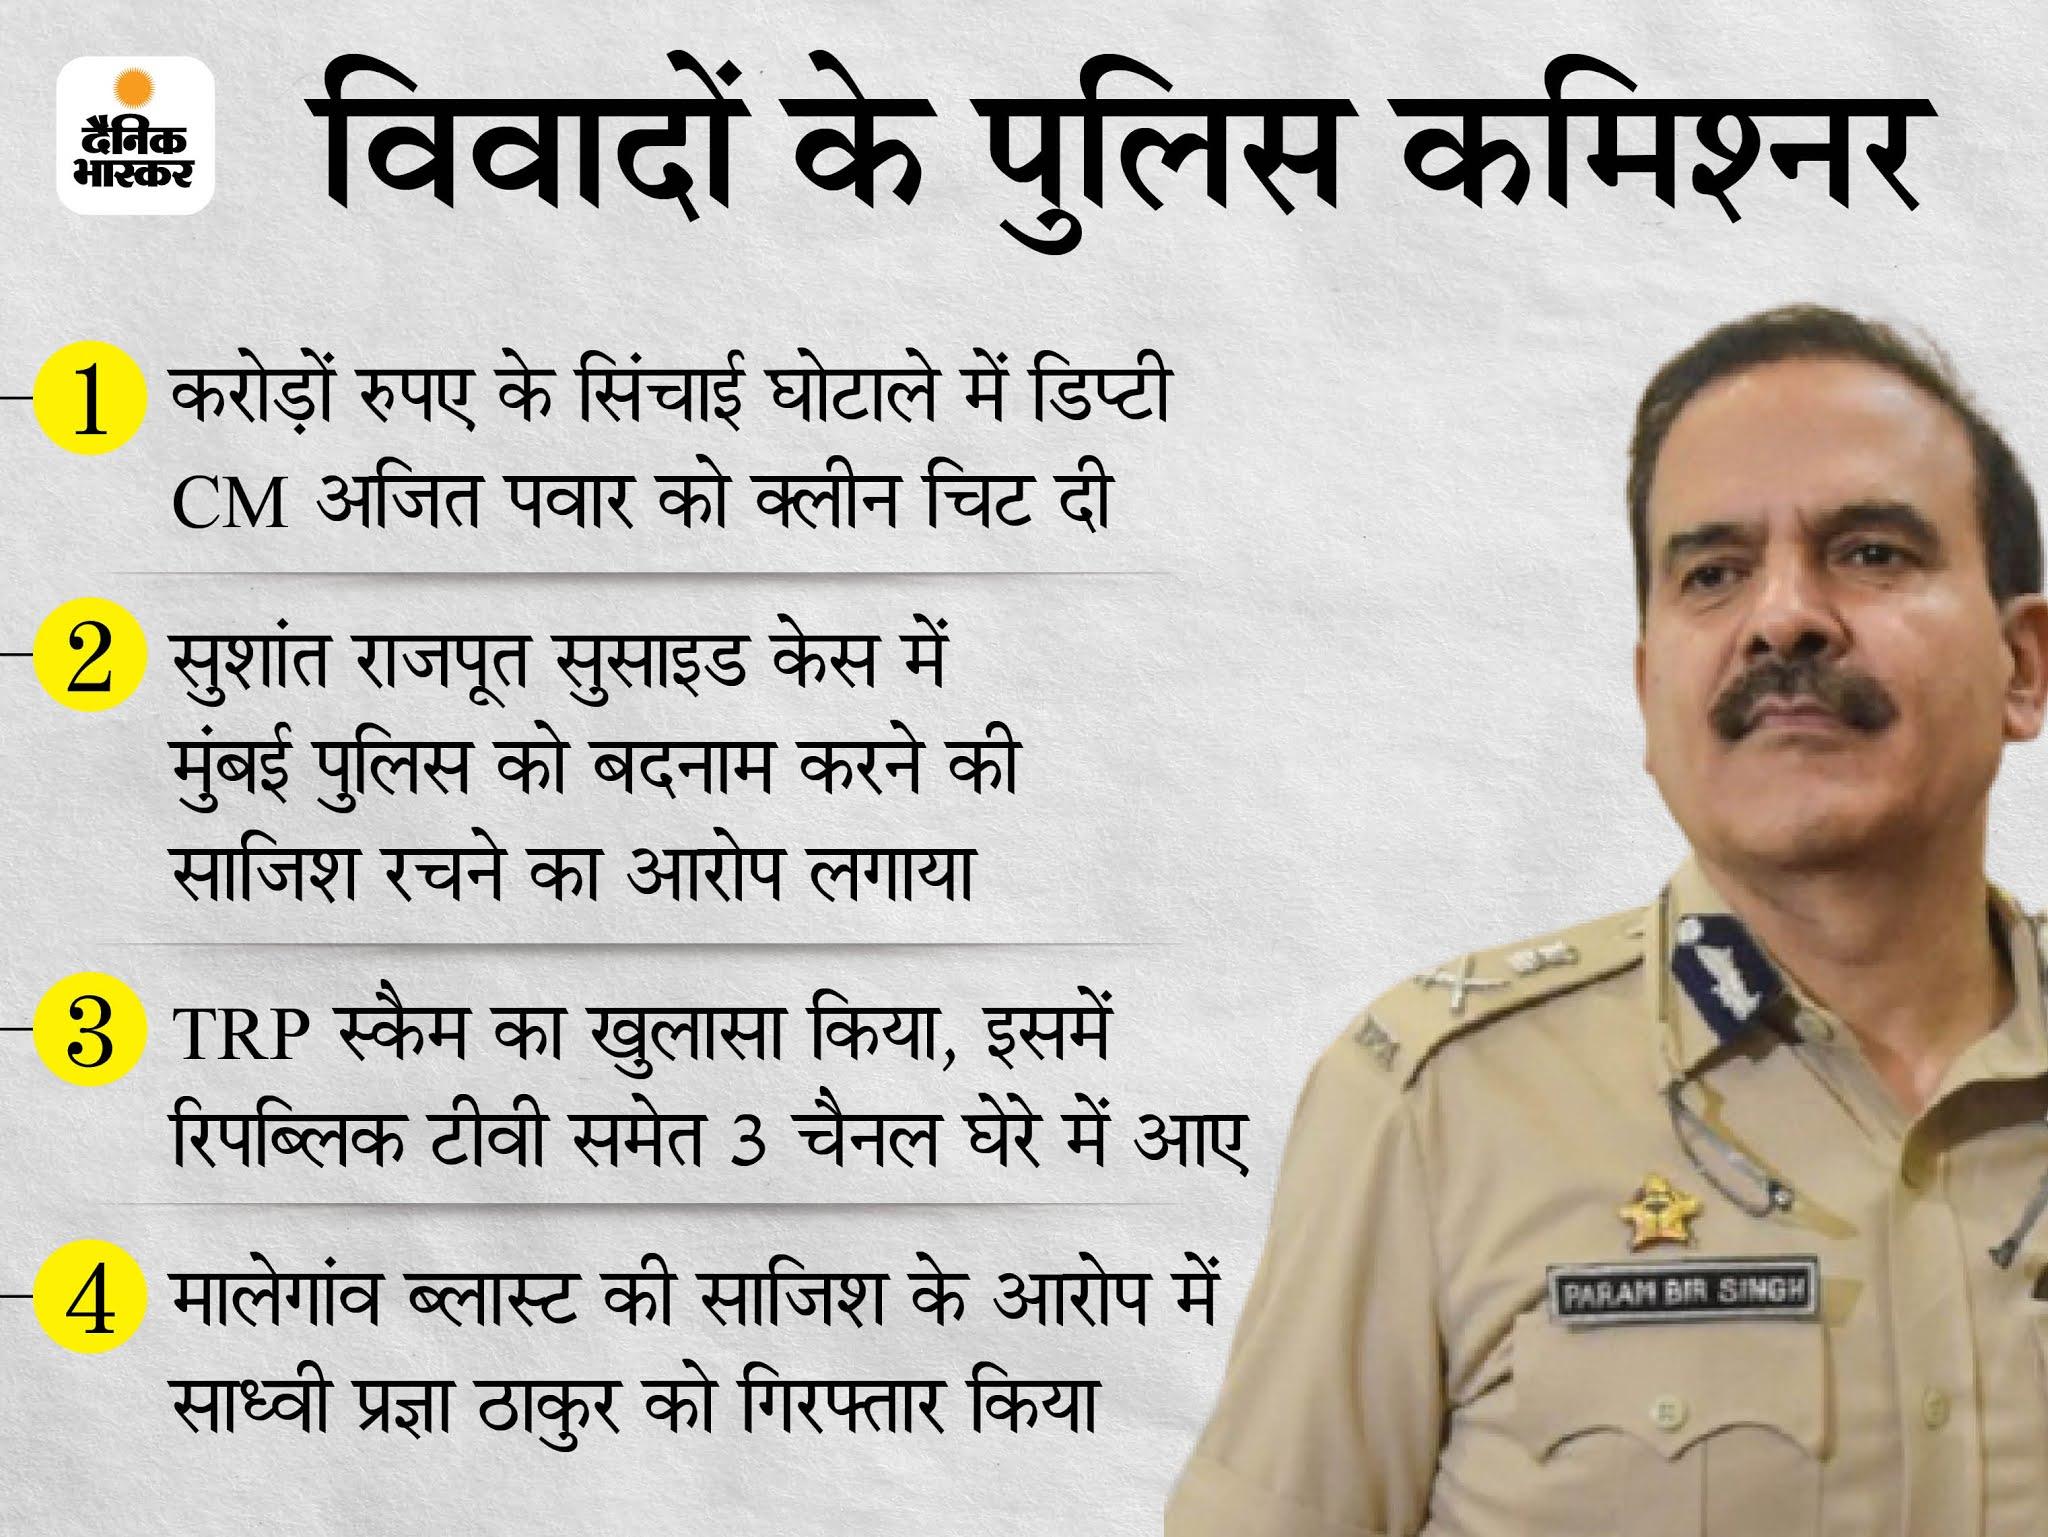 महाराष्ट्र सरकार ने मुंबई पुलिस कमिश्नर परमबीर सिंह को हटाया, 1987 बैच के IPS अफसर हेमंत नागराले बने नए कमिश्नर|देश,National - Dainik Bhaskar